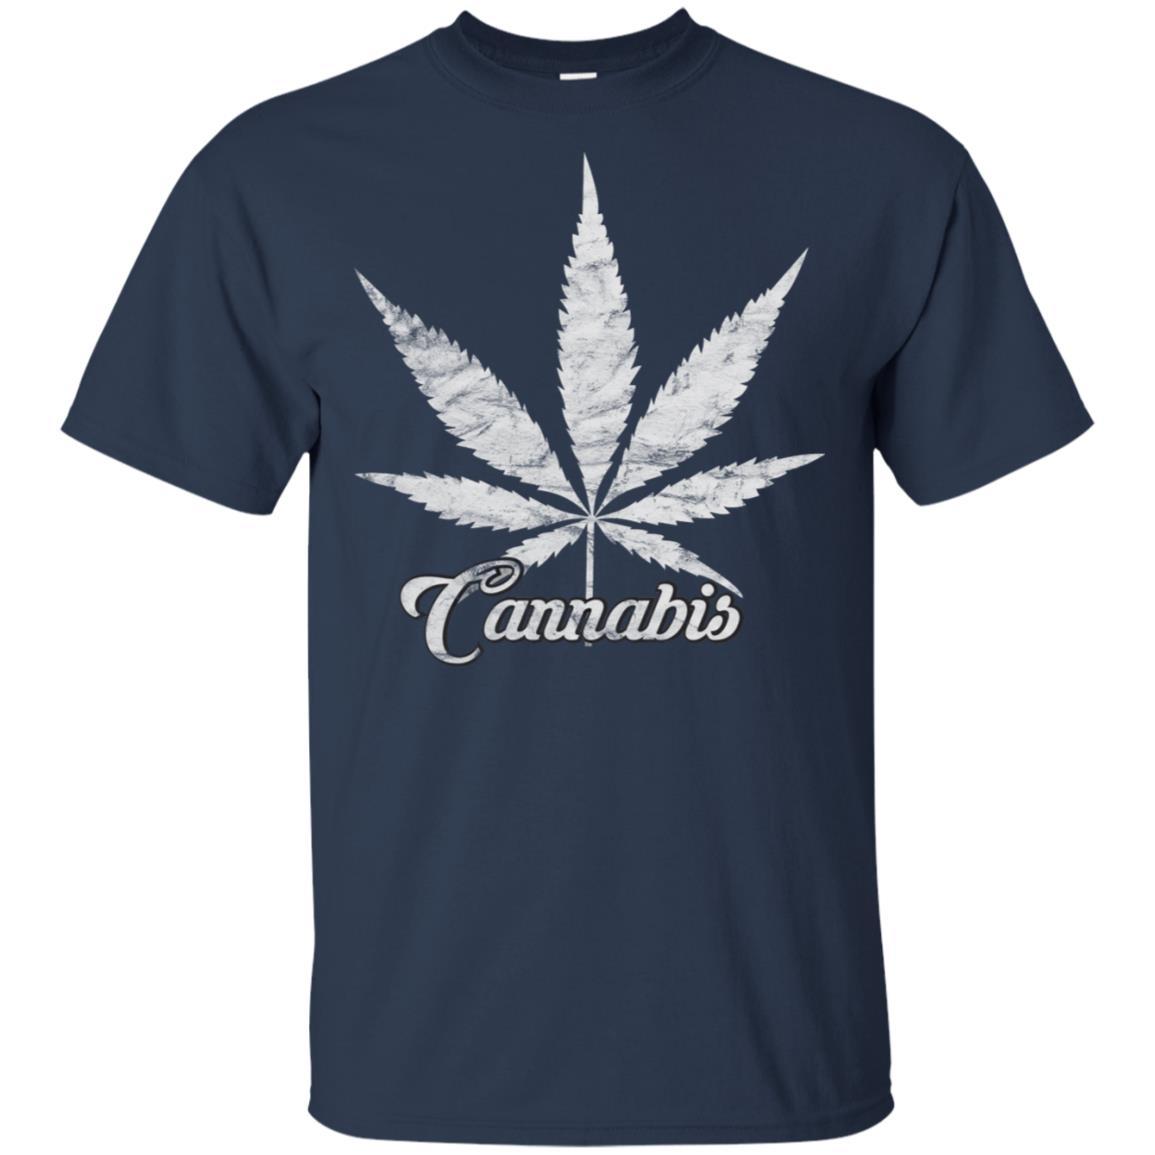 Cannabis Marijuana Distressed Retro Vintage 420 Unisex Short Sleeve